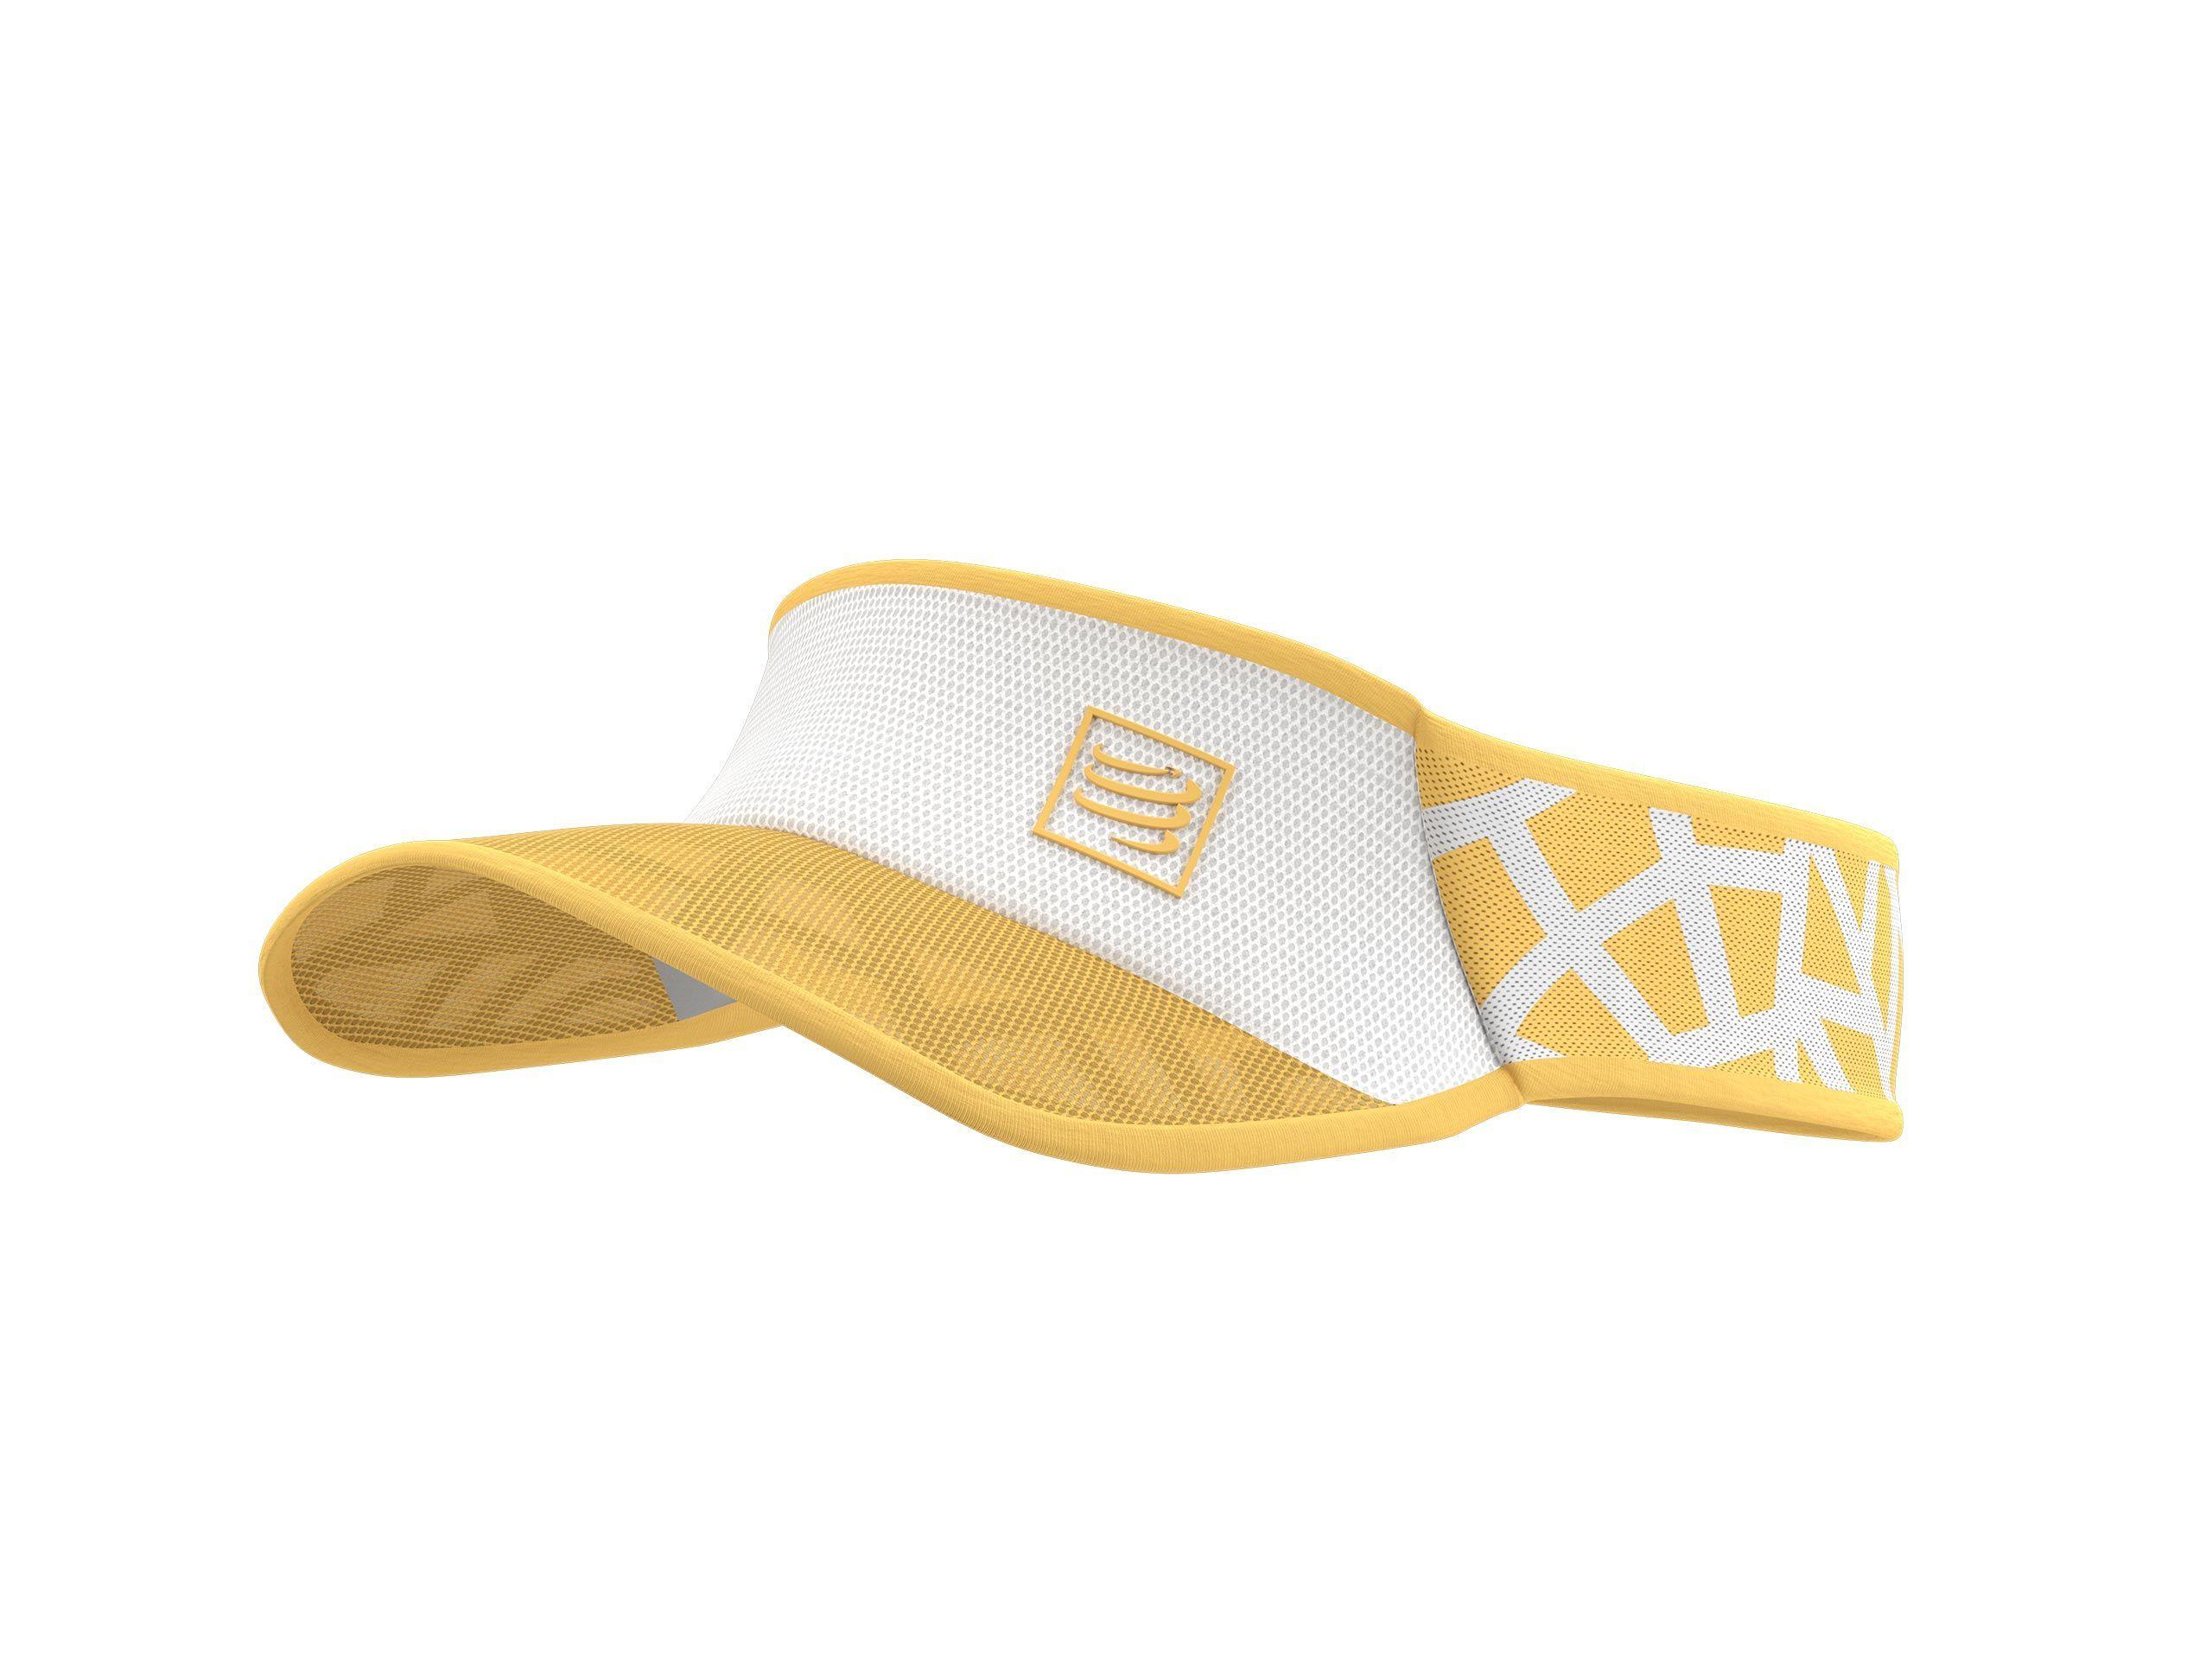 Spiderweb Ultralight Visor - White / Honey Gold